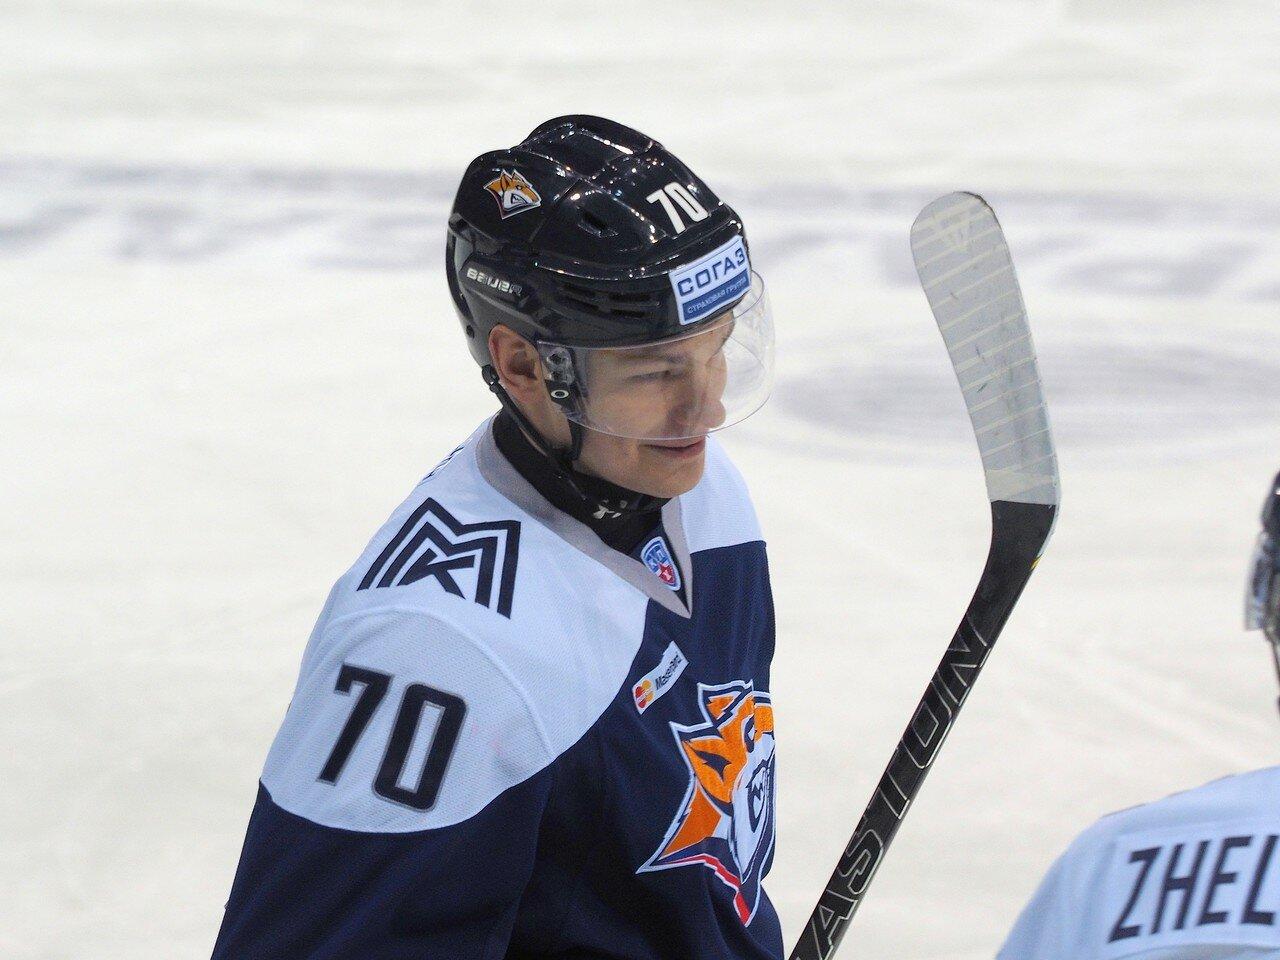 57Металлург - Динамо Минск 13.01.2015